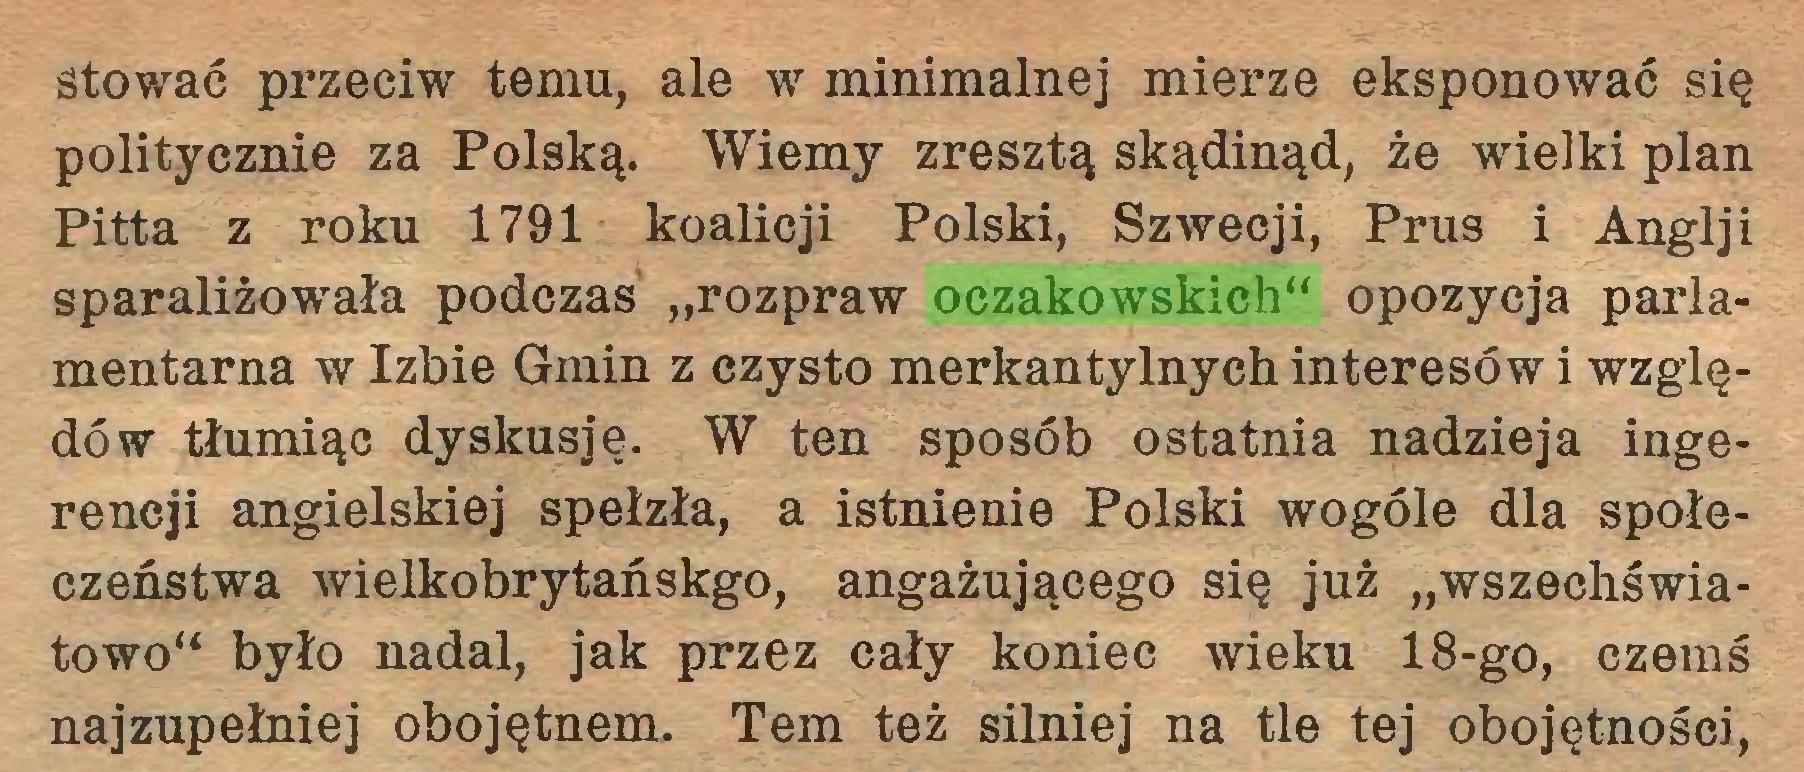 """(...) stować przeciw temu, ale w minimalnej mierze eksponować się politycznie za Polską. Wiemy zresztą skądinąd, że wielki plan Pitta z roku 1791 koalicji Polski, Szwecji, Prus i Anglji sparaliżowała podczas """"rozpraw oczakowskich"""" opozycja parlamentarna w Izbie Gmin z czysto merkantylnych interesów i względów tłumiąc dyskusję. W ten sposób ostatnia nadzieja ingerencji angielskiej spełzła, a istnienie Polski wogóle dla społeczeństwa wielkobrytańskgo, angażującego się już """"wszechświatowo"""" było nadal, jak przez cały koniec wieku 18-go, czemś najzupełniej obojętnem. Tern też silniej na tle tej obojętności,..."""